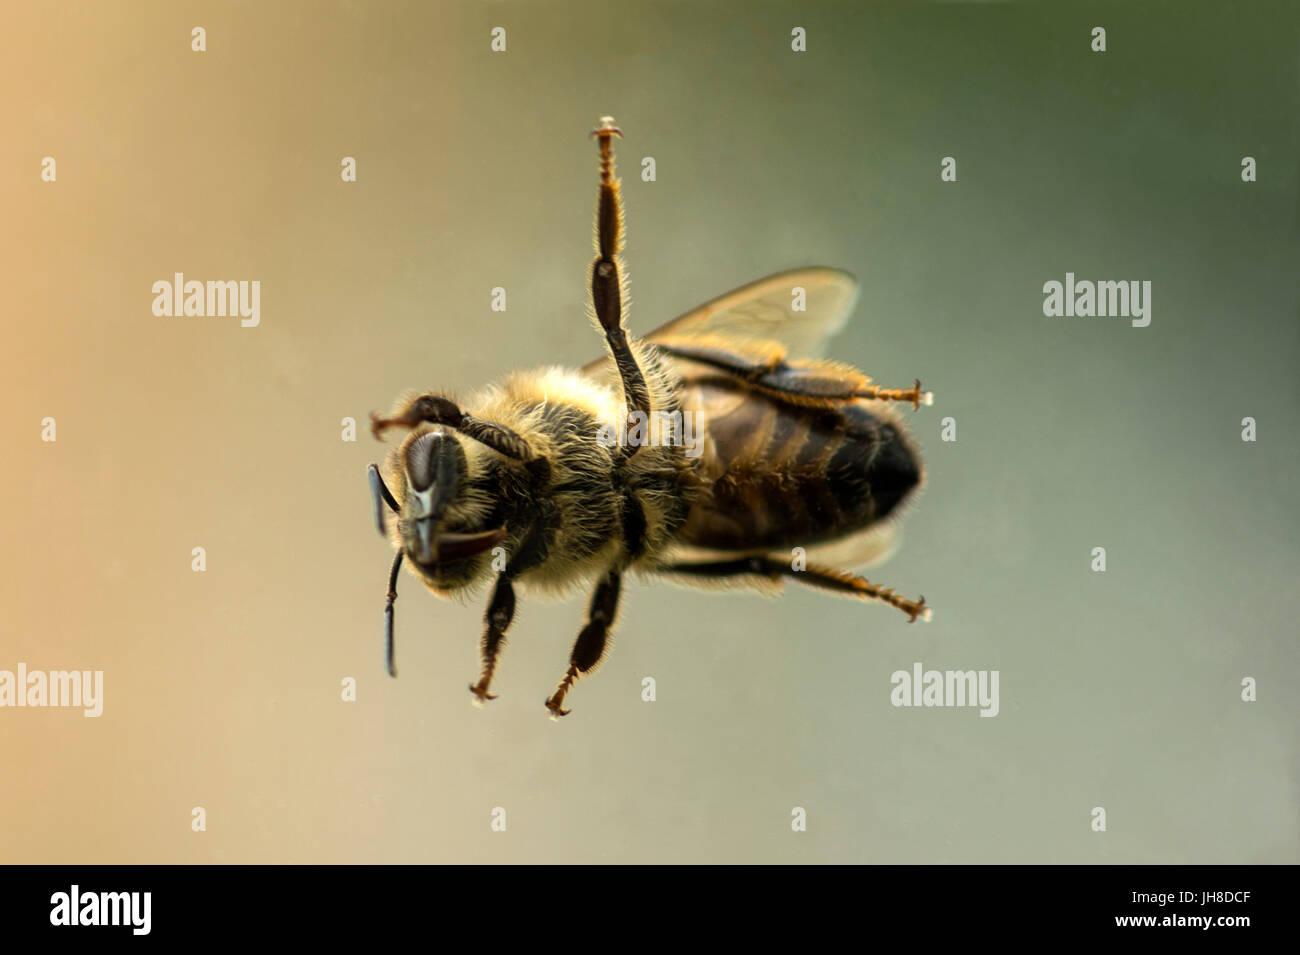 Einzelne britische Honigbiene (Apis) dargestellt hautnah durch Glas Transparenz, Hintergrund isoliert Stockfoto